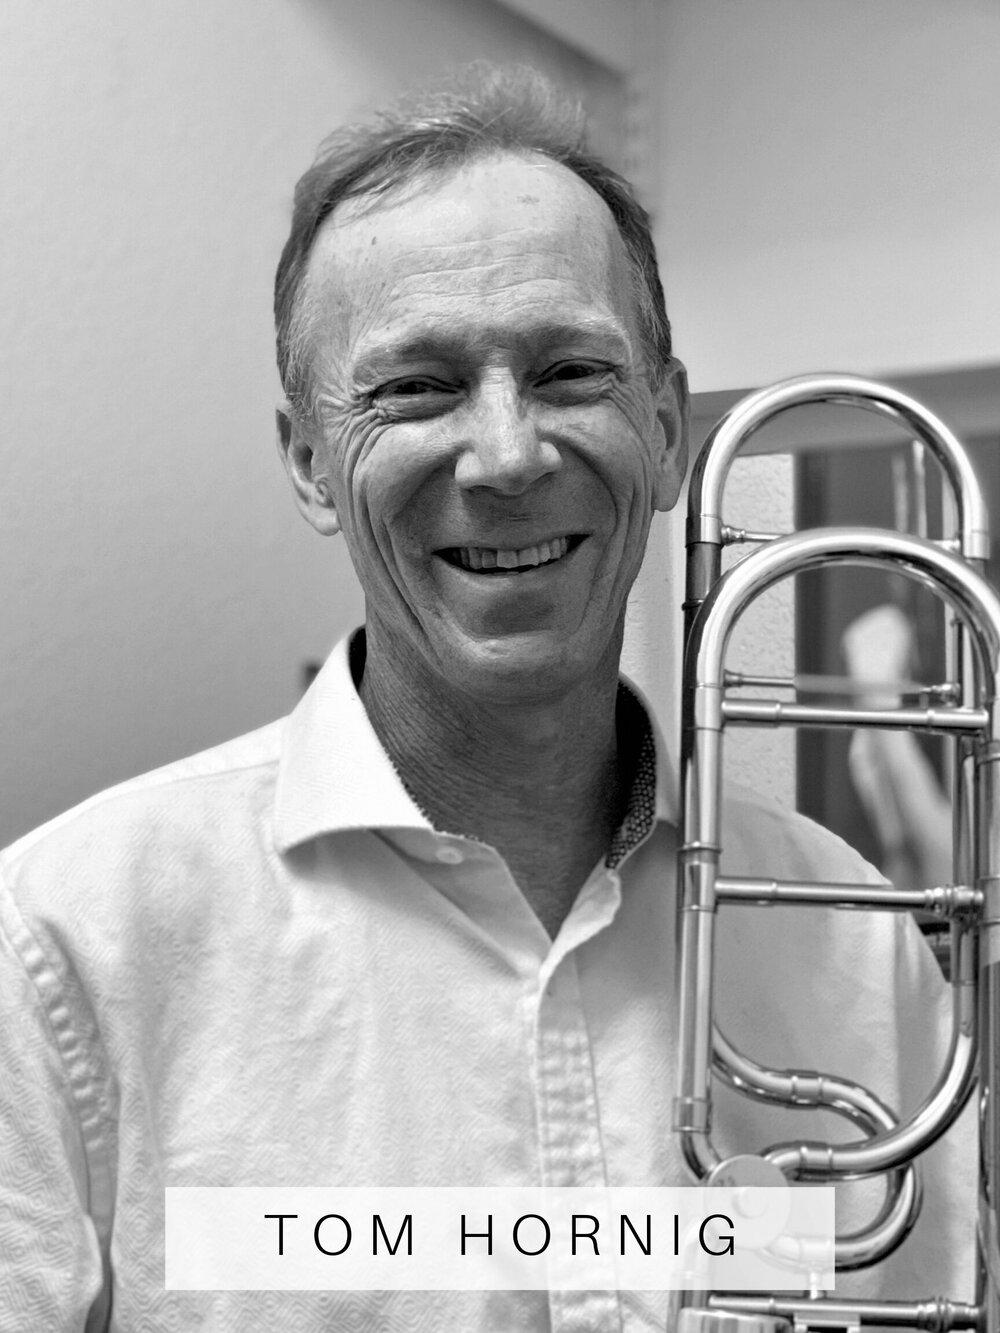 Tom Hornig